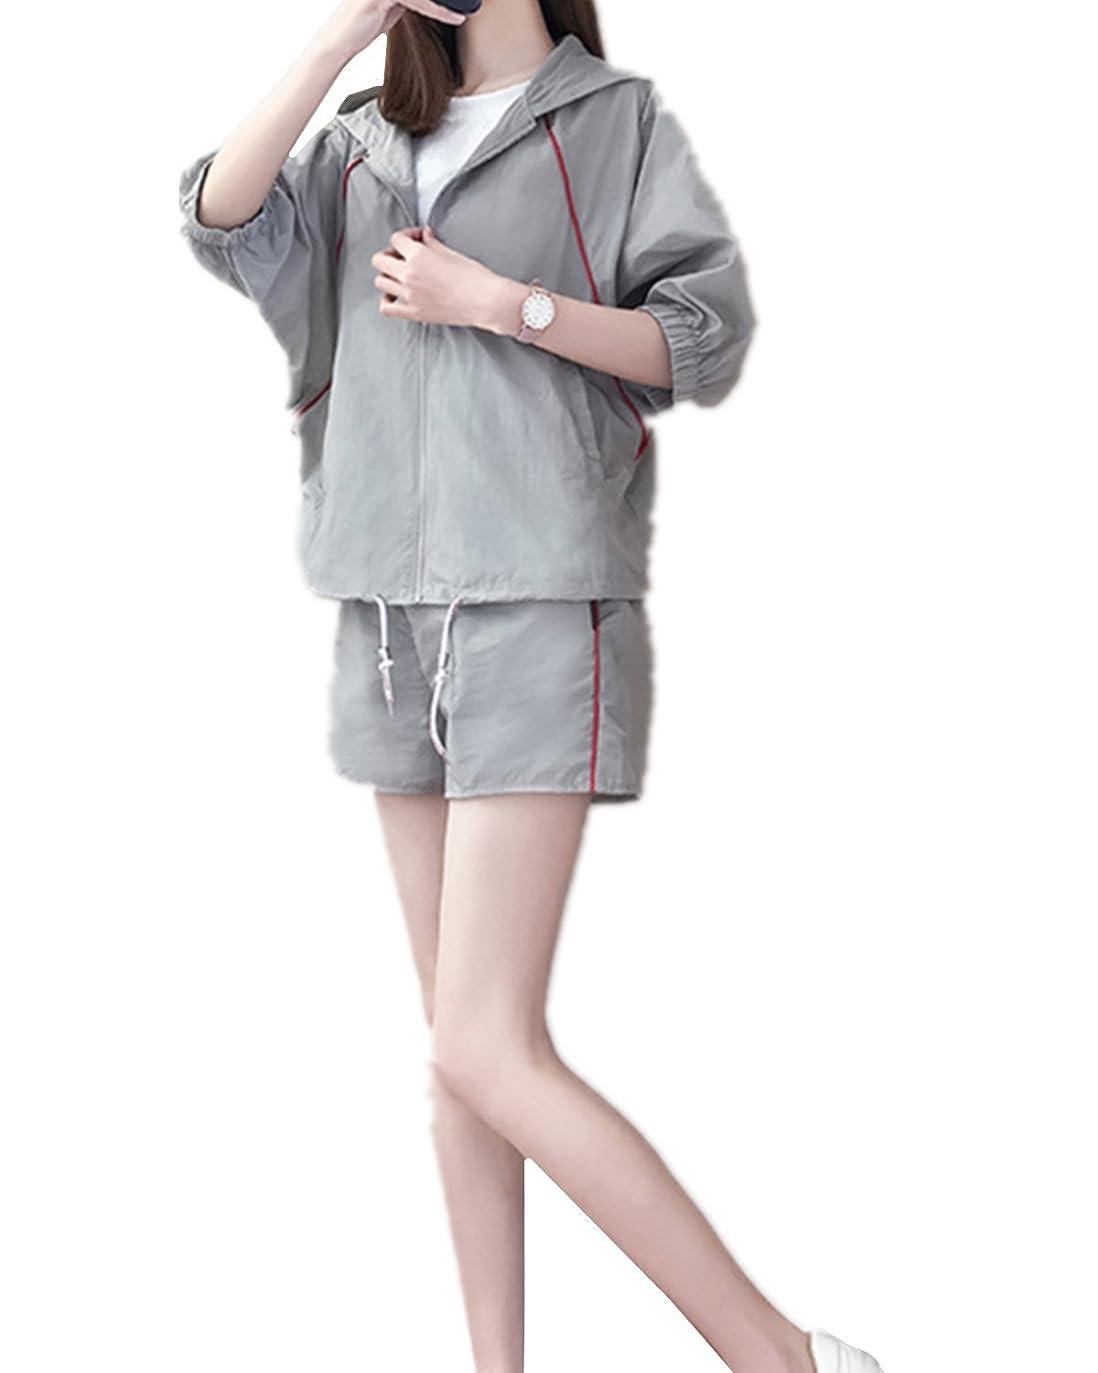 インデックス絶えず金額レディースTシャツ+パンツ 上下 2点セット 着やせ スポーツ トレーニング ヨガ ウェア レディース パ ンツ 半袖 セット アップ ズボン 春夏 大きいサイズ ファッション